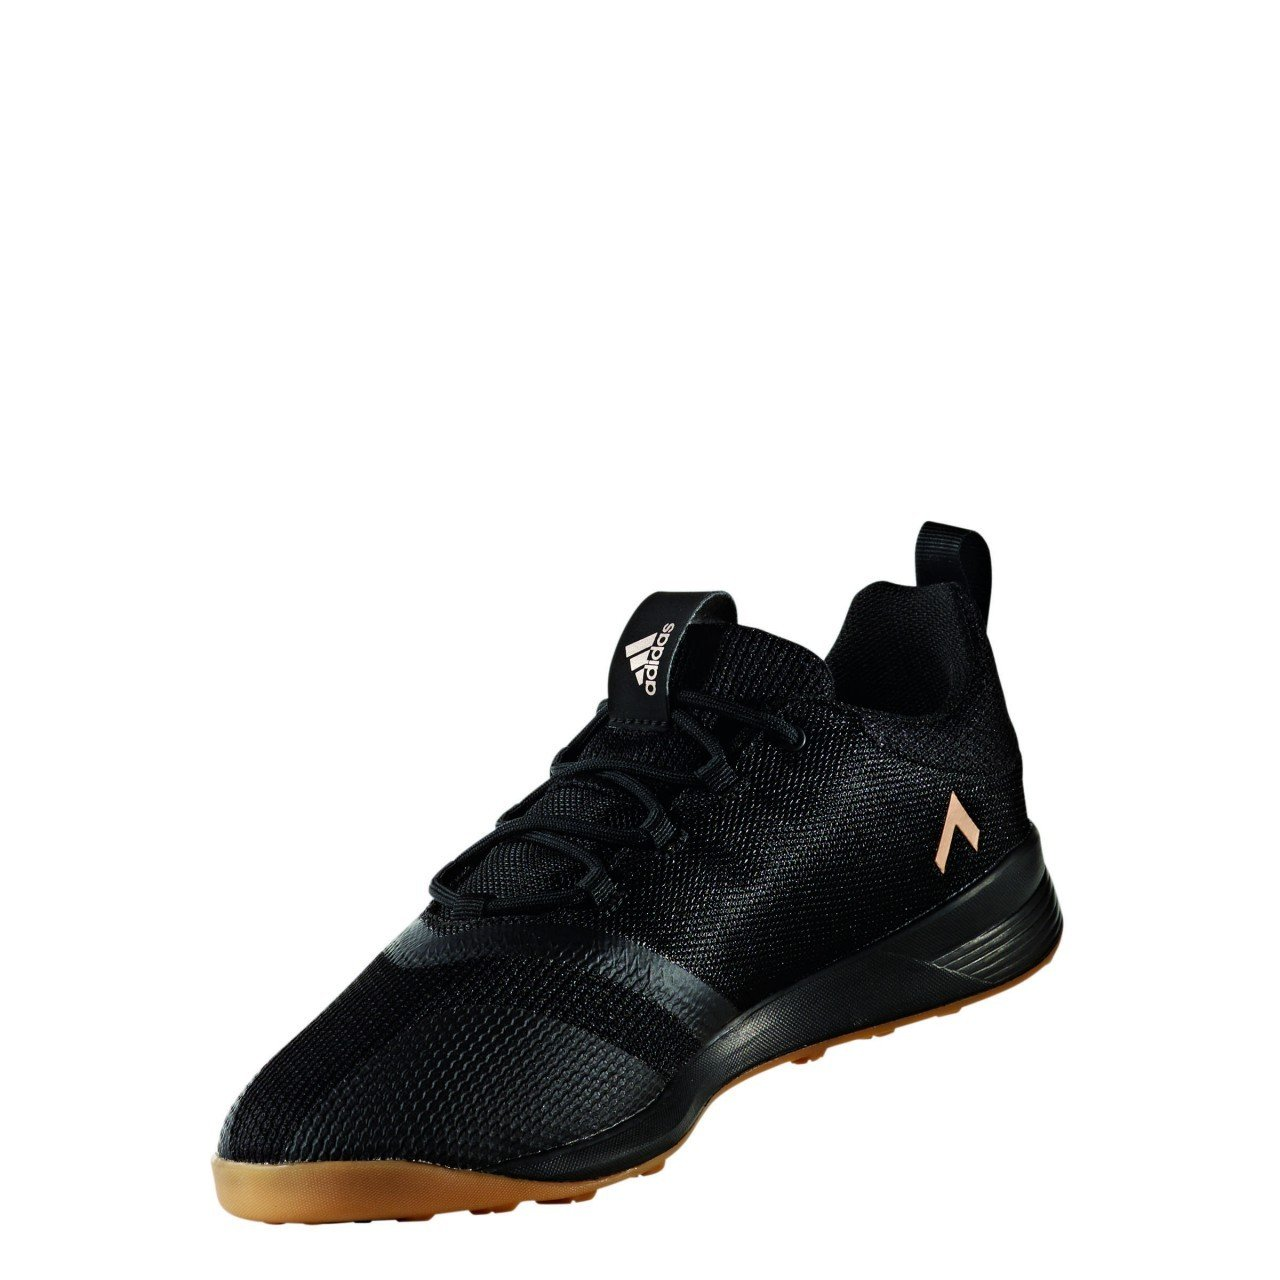 Adidas Herren Ace Tango 17.2 Tr für Fußballtrainingsschuhe, Schwarz (Nero Negbas Cobmet Negbas), 46 EU